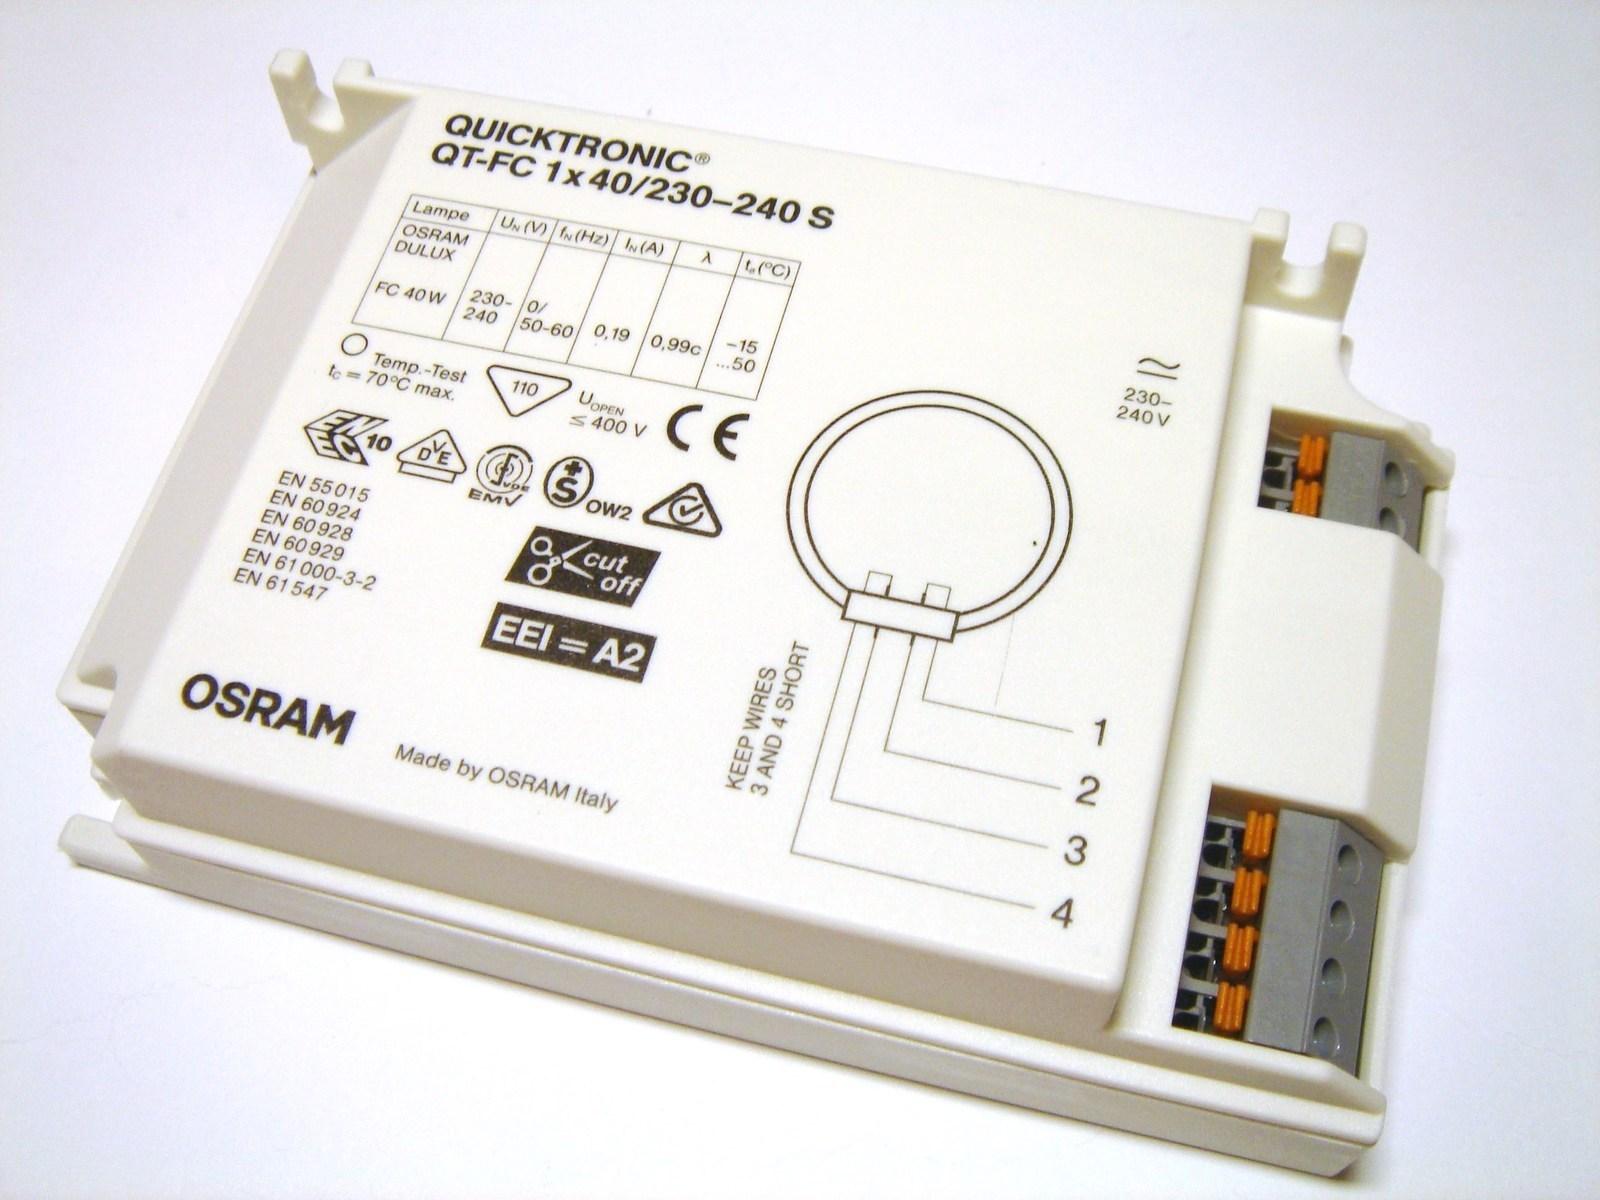 Elektrooniline drossel 1x40 W, Osram, Quicktronic® QT-FC 1x40/230-240 S